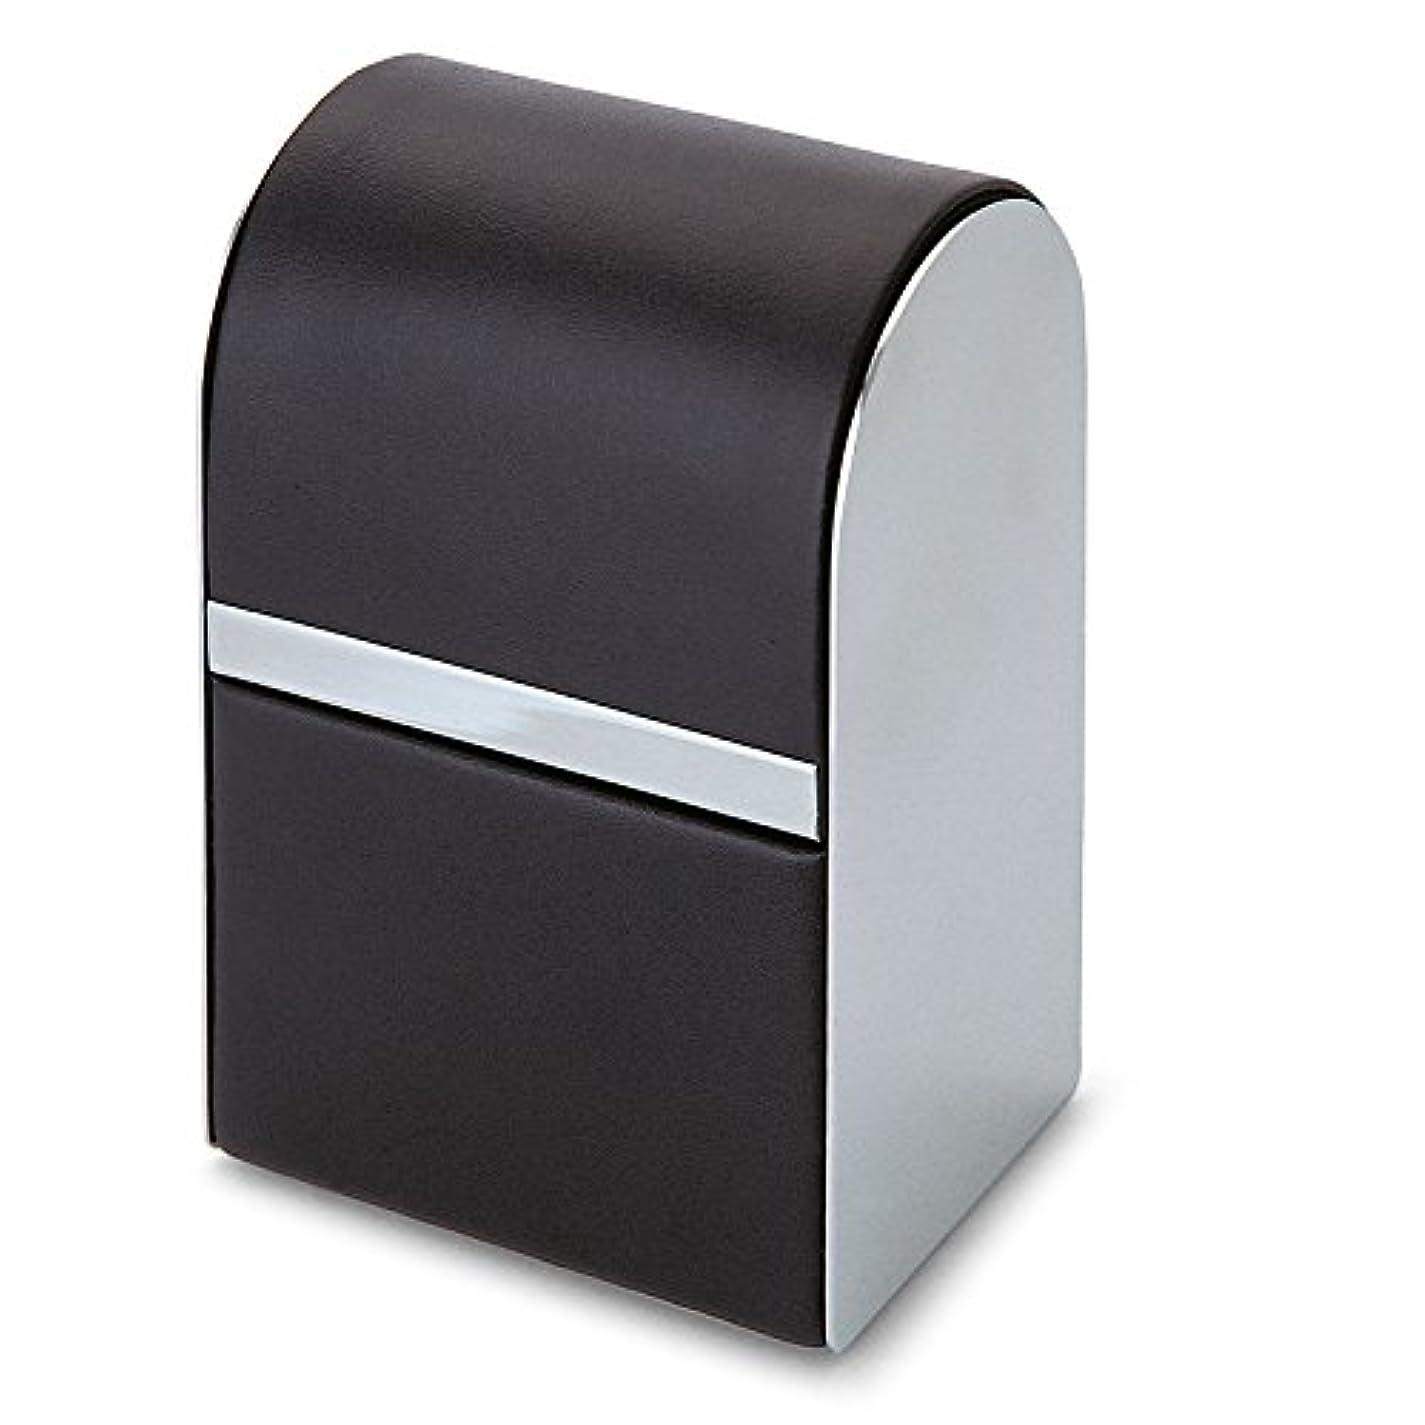 クラック組見落とすPhilippi Giorgio メンズ身だしなみキット 7pcsセット leather stainless polished